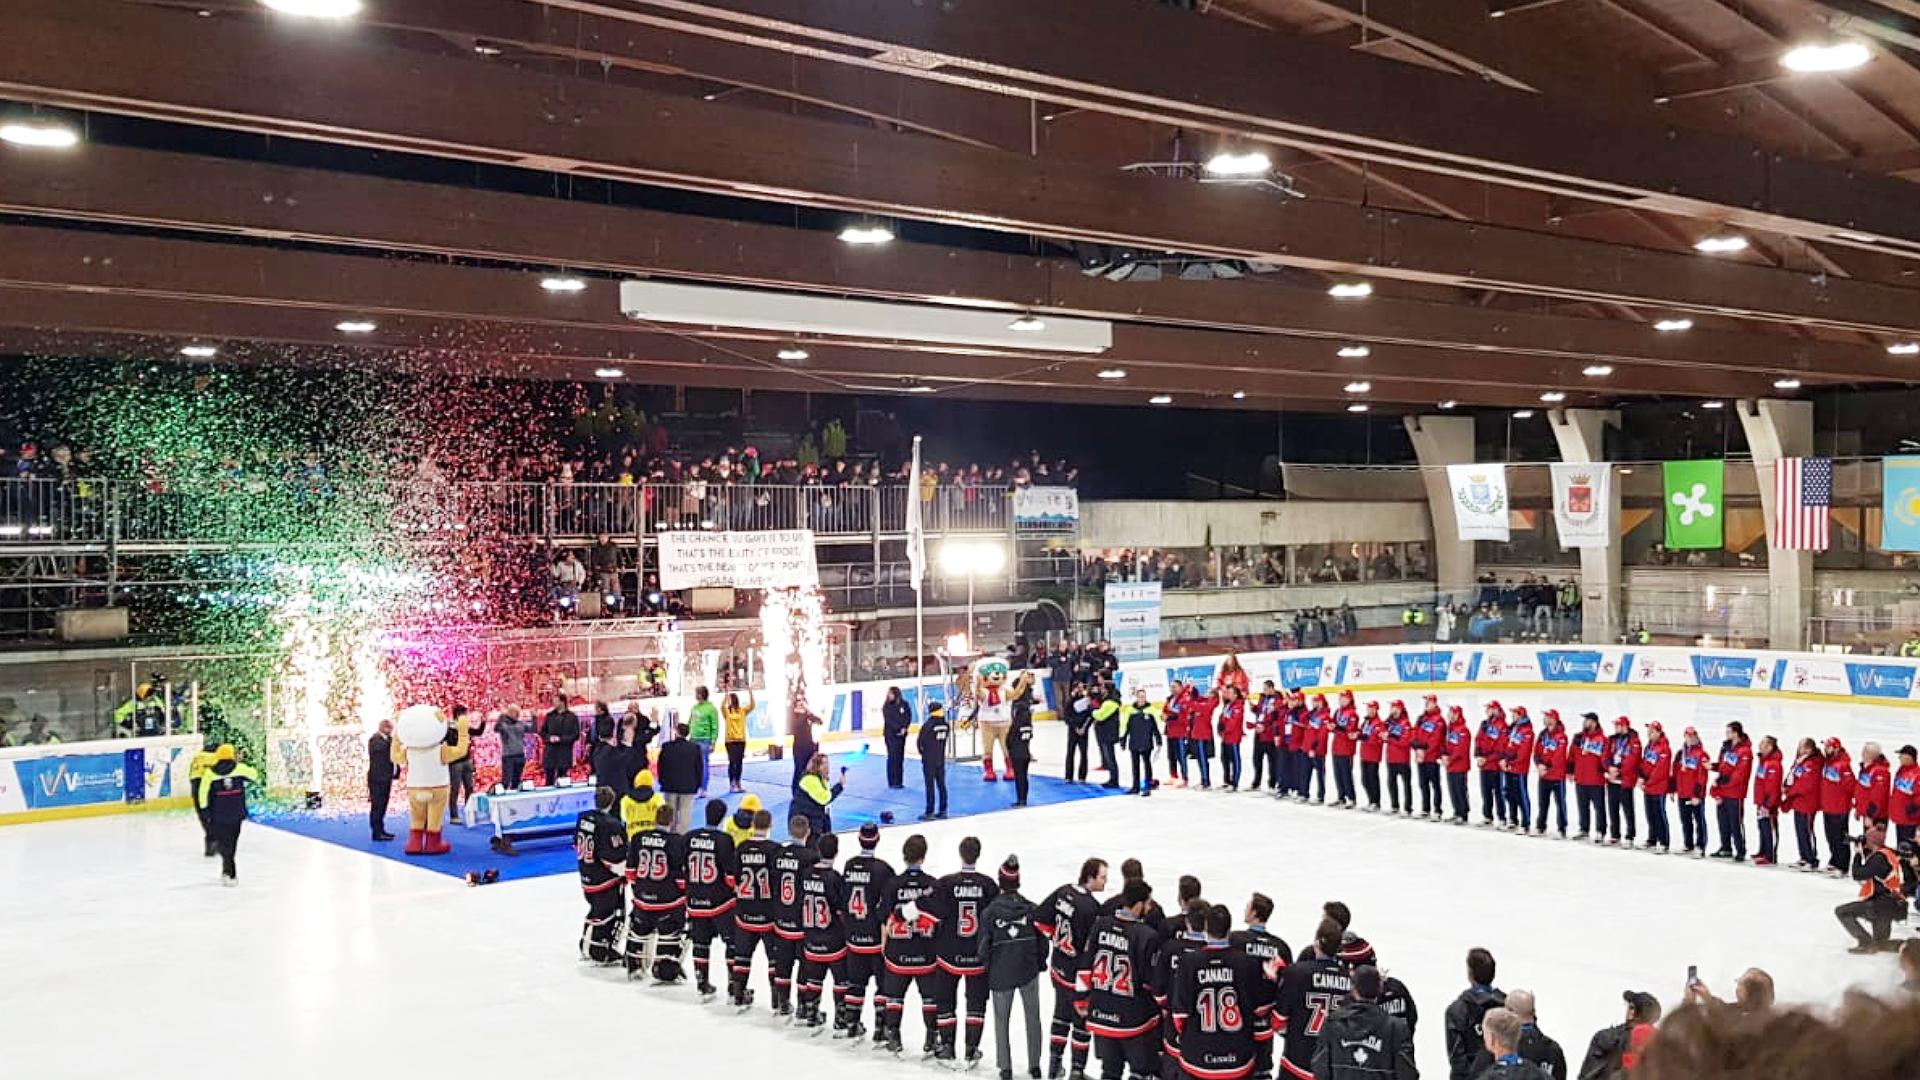 Palaghiaccio di Chiavenna gremito per la finale di hockey su ghiaccio: vincono gli USA alle Winter Deaflympics